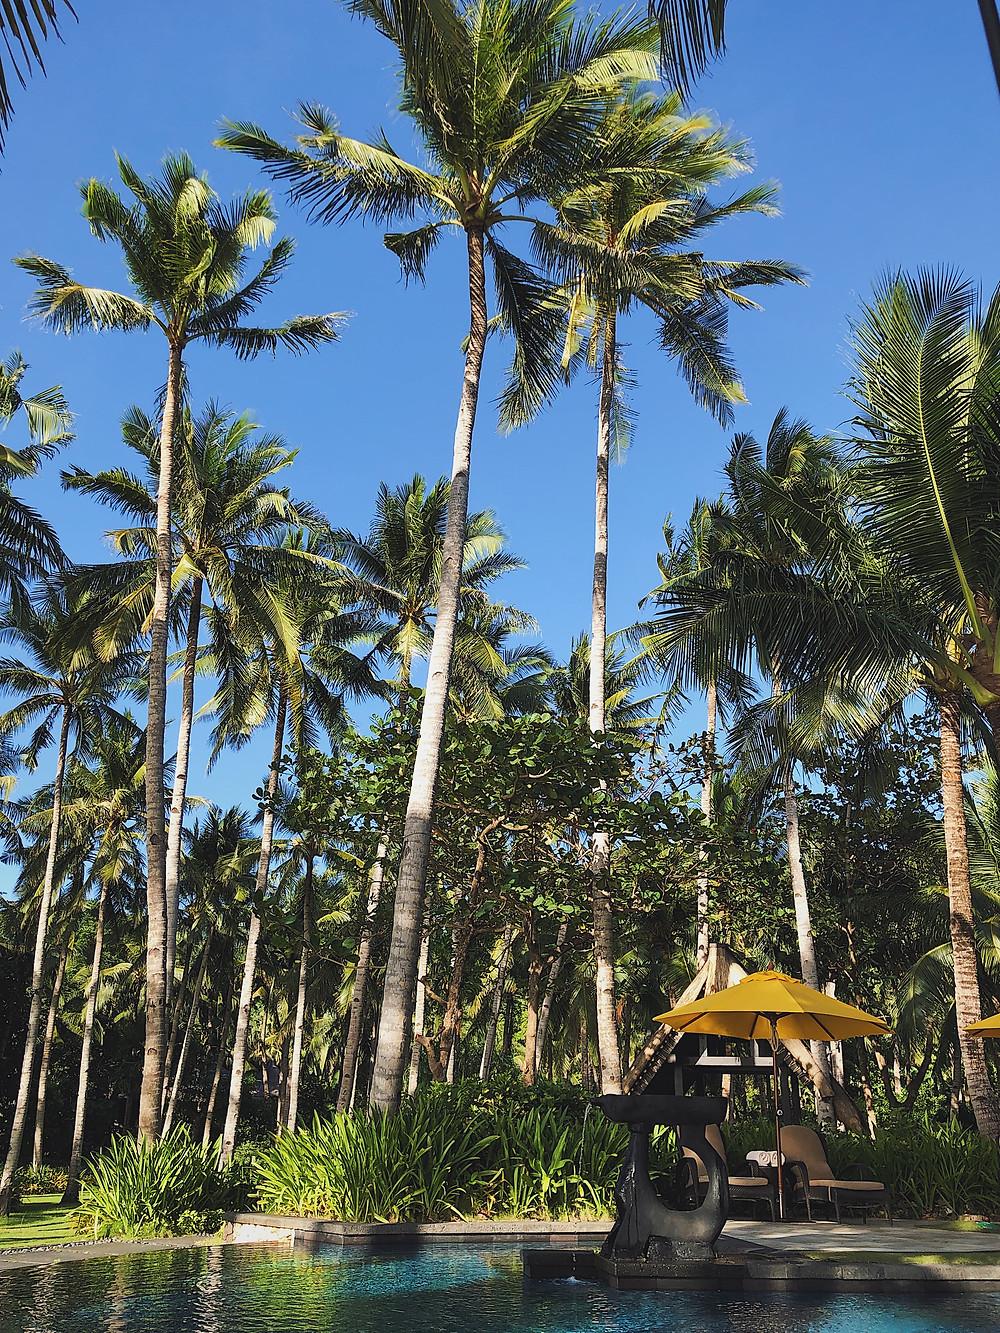 Shangri-La's Boracay infinity pool luxury